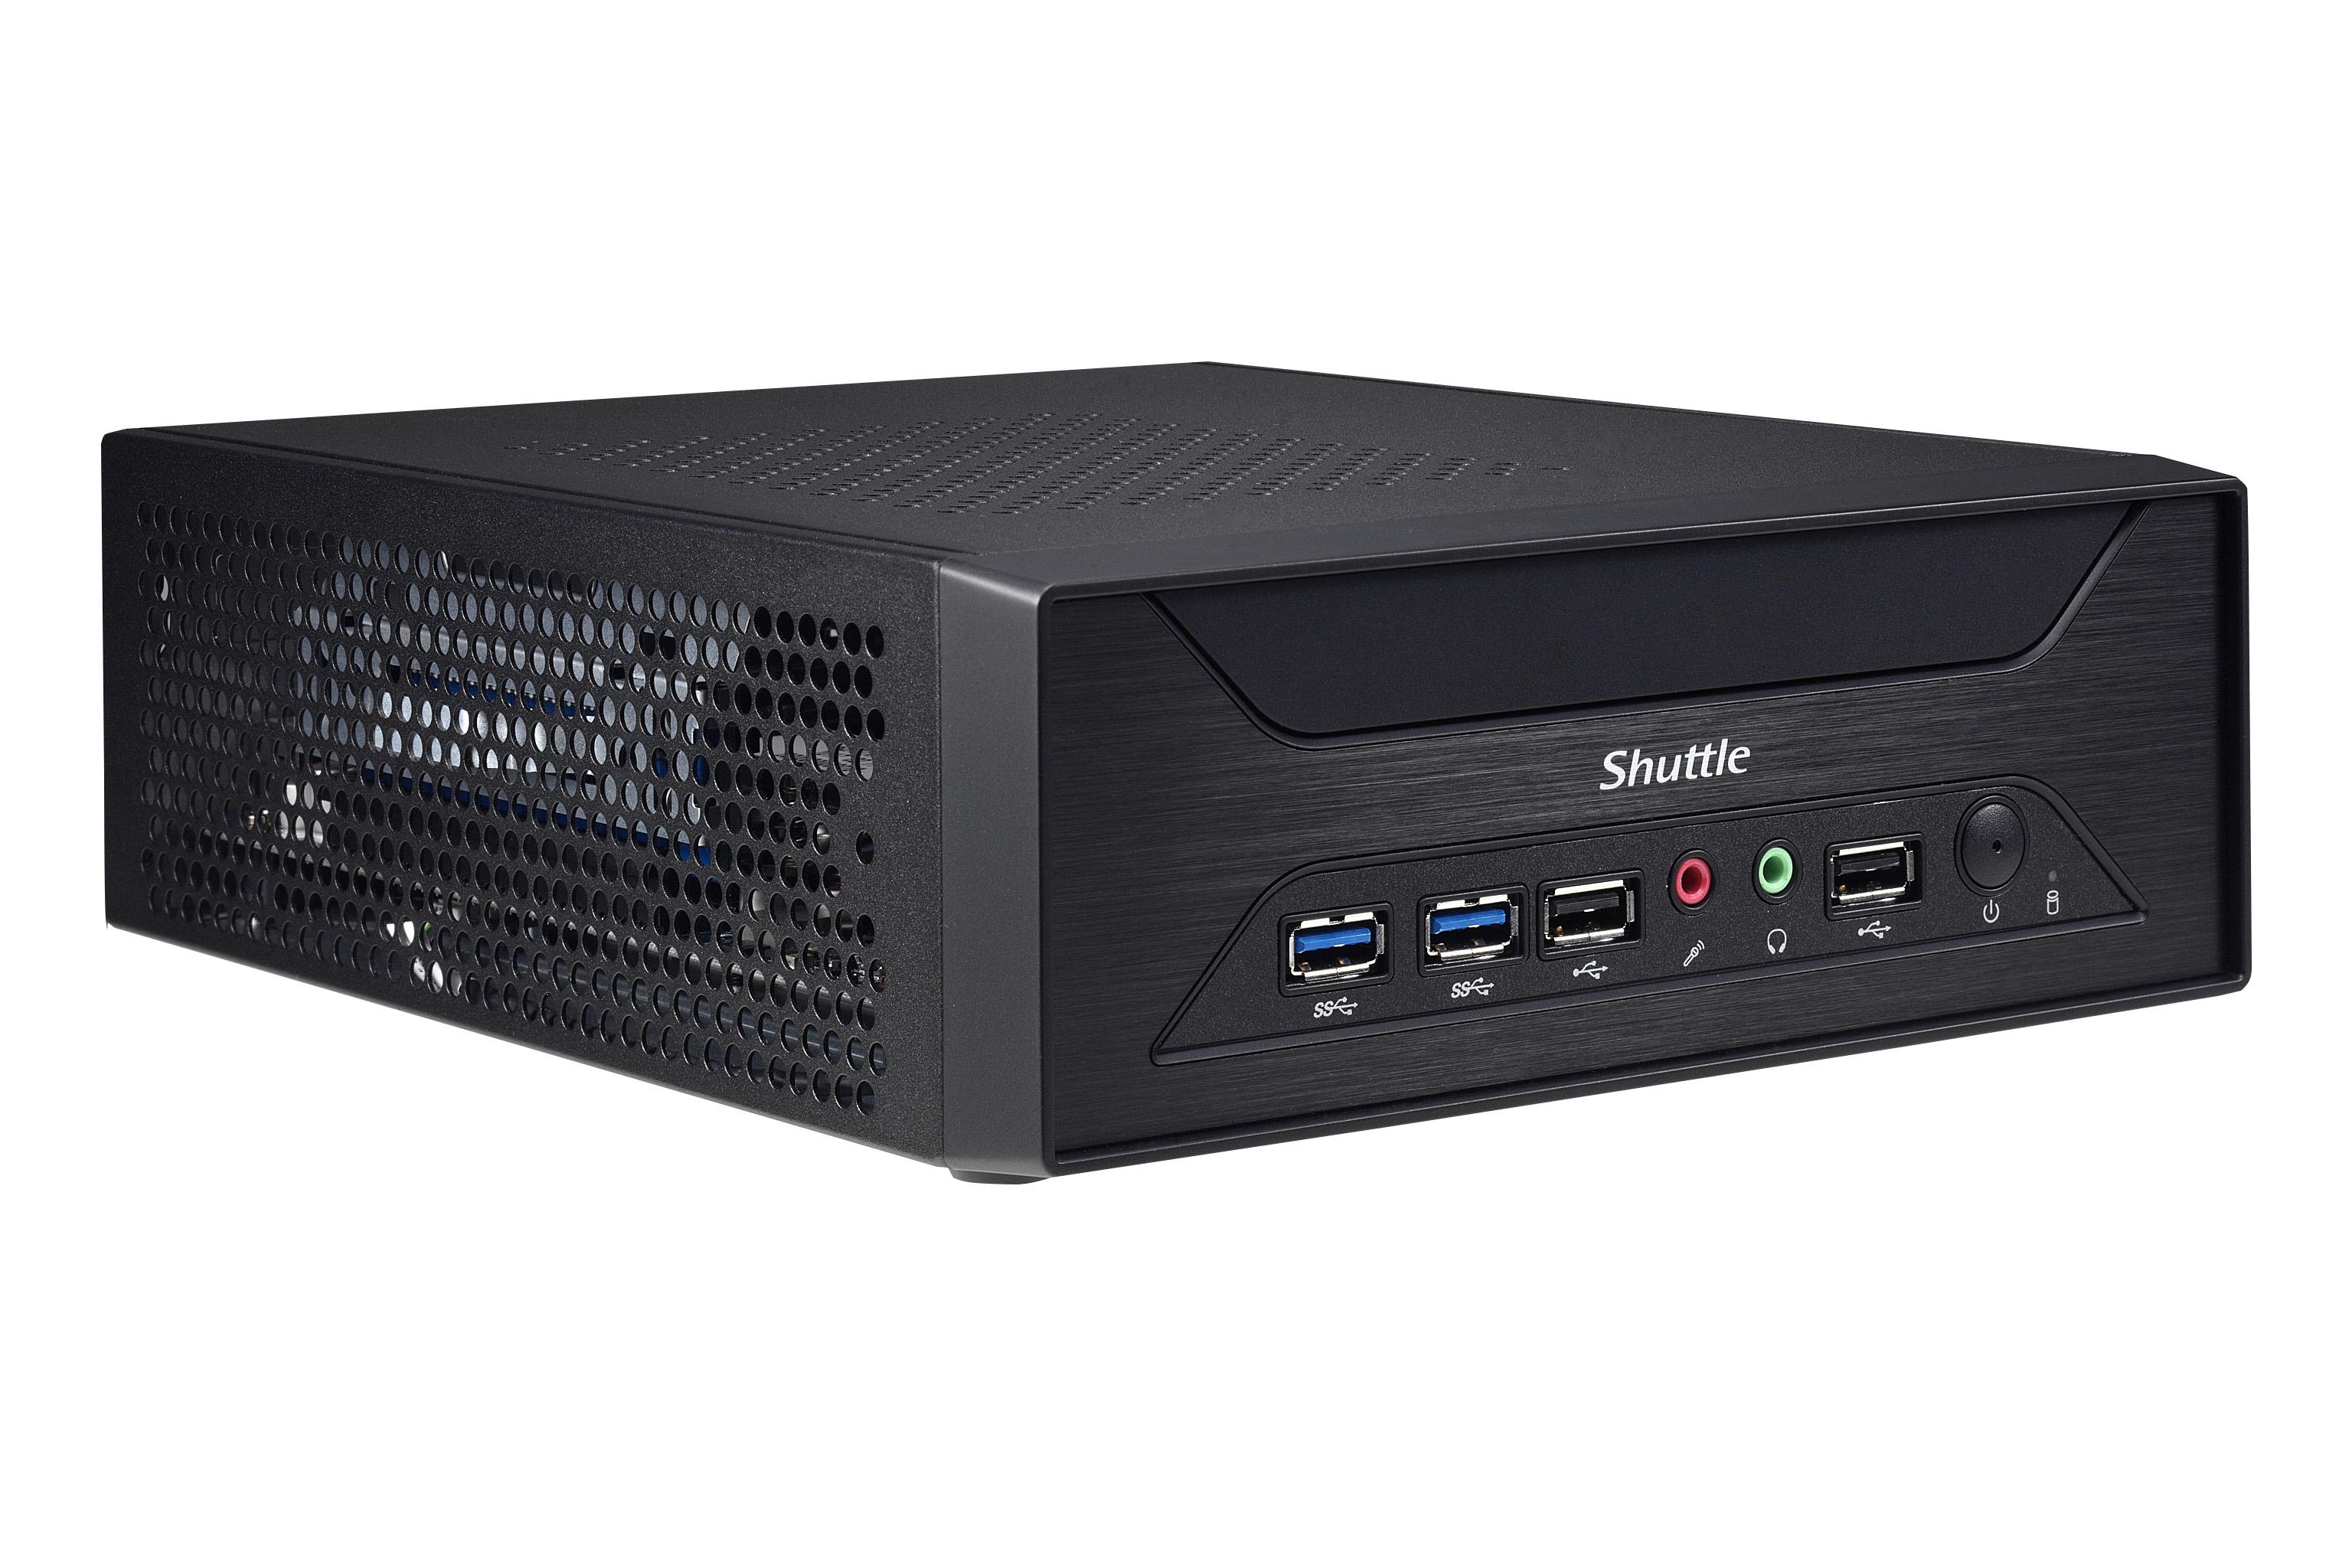 Kompaktni računalnik Shuttle XPC XH110G lahko uporabljamo celo za igranje najzahtevnejših iger!